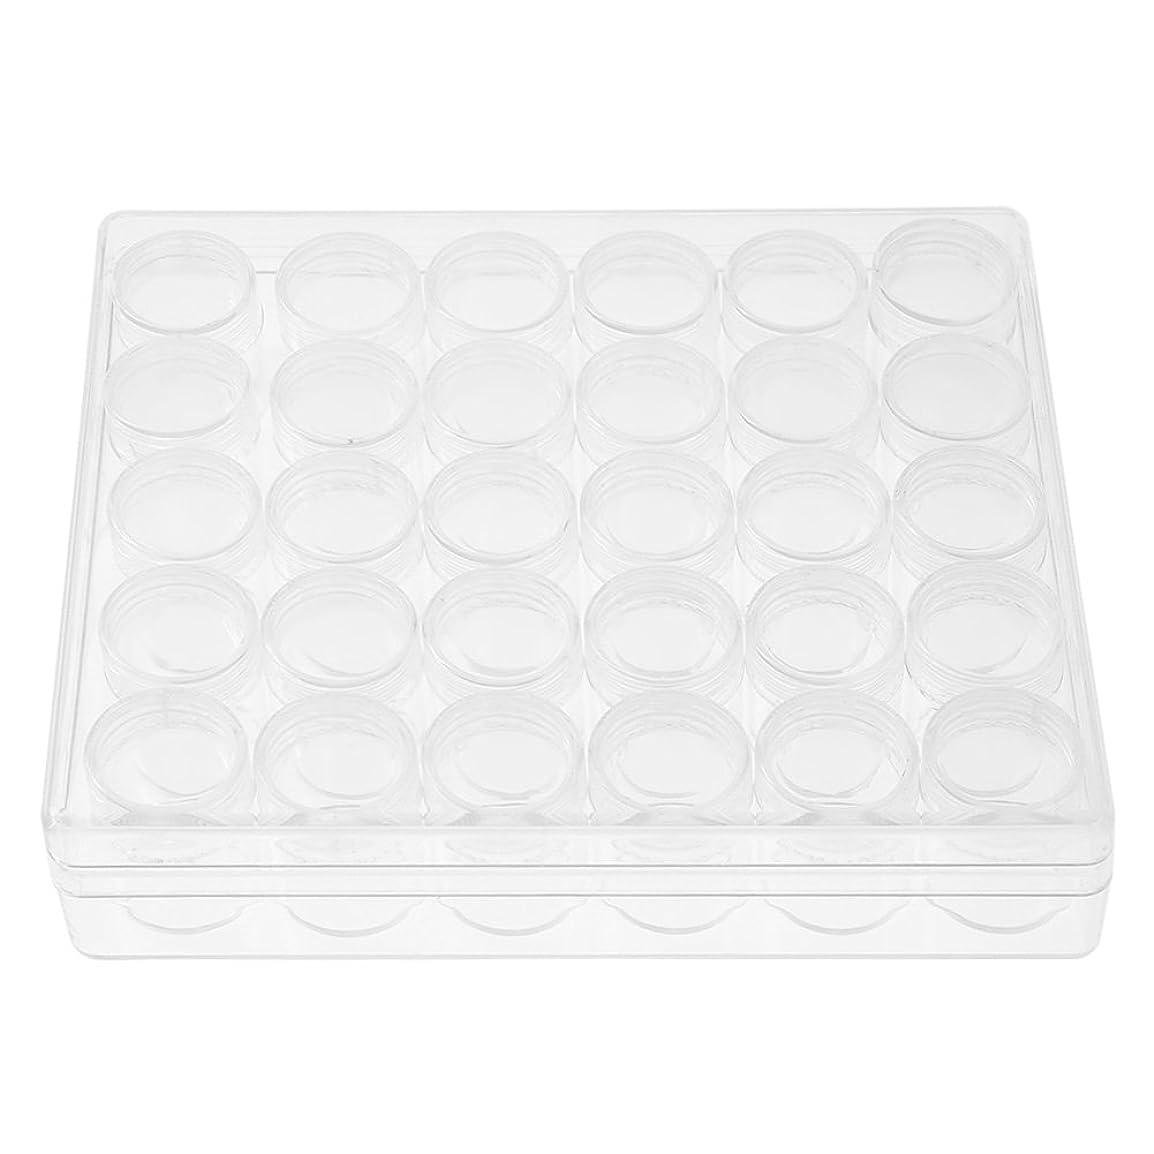 掻く振動させる被害者30個 透明 プラスチック製 容器瓶 詰替容器 ラインストーン ビードの貯蔵 長方形の箱付き 円形